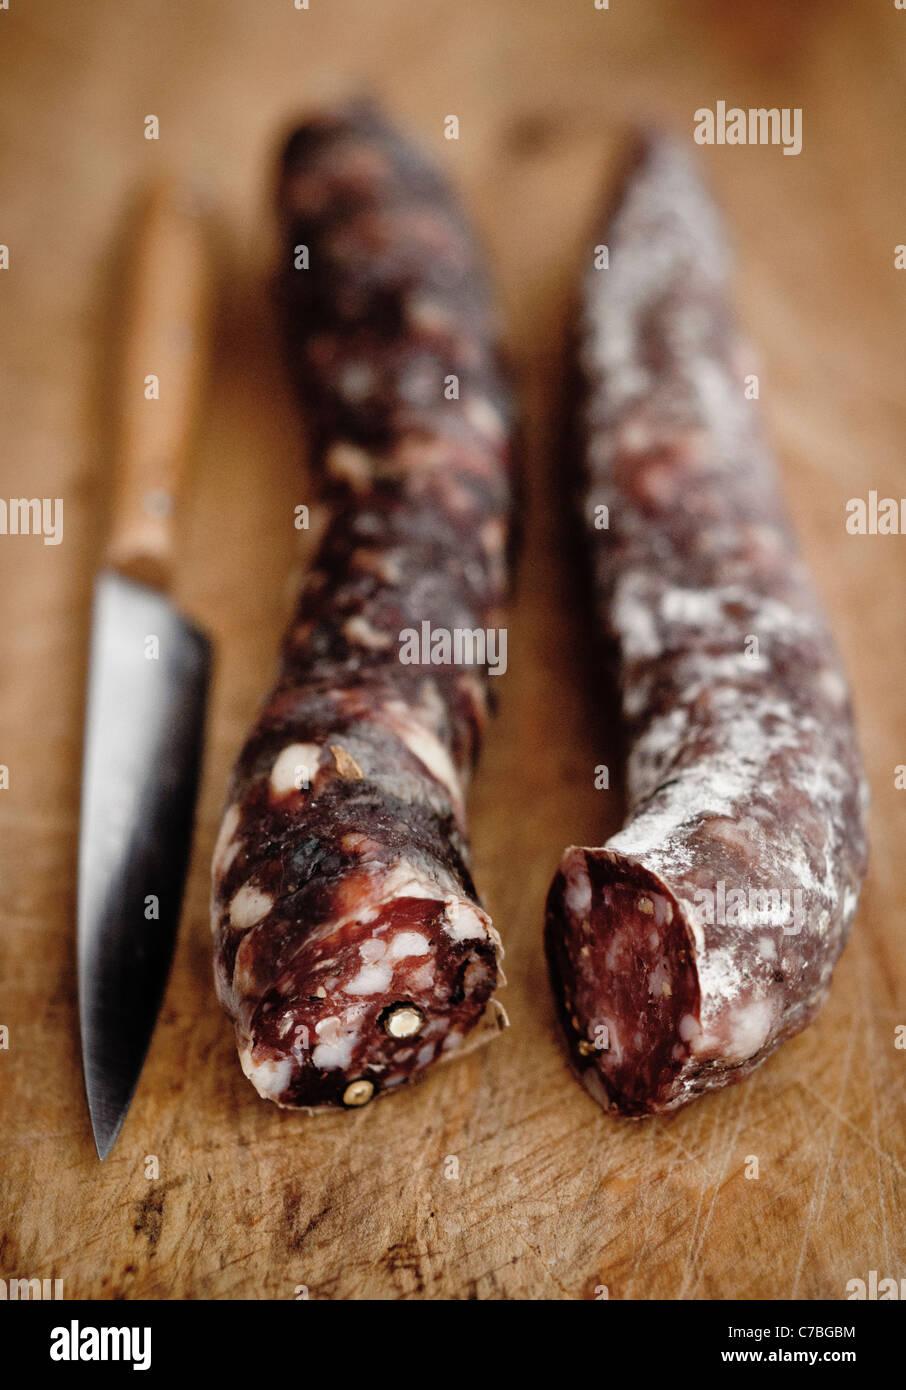 L'air fait artisan saucissons séchés sur planche de bois à l'aide d'un couteau Photo Stock